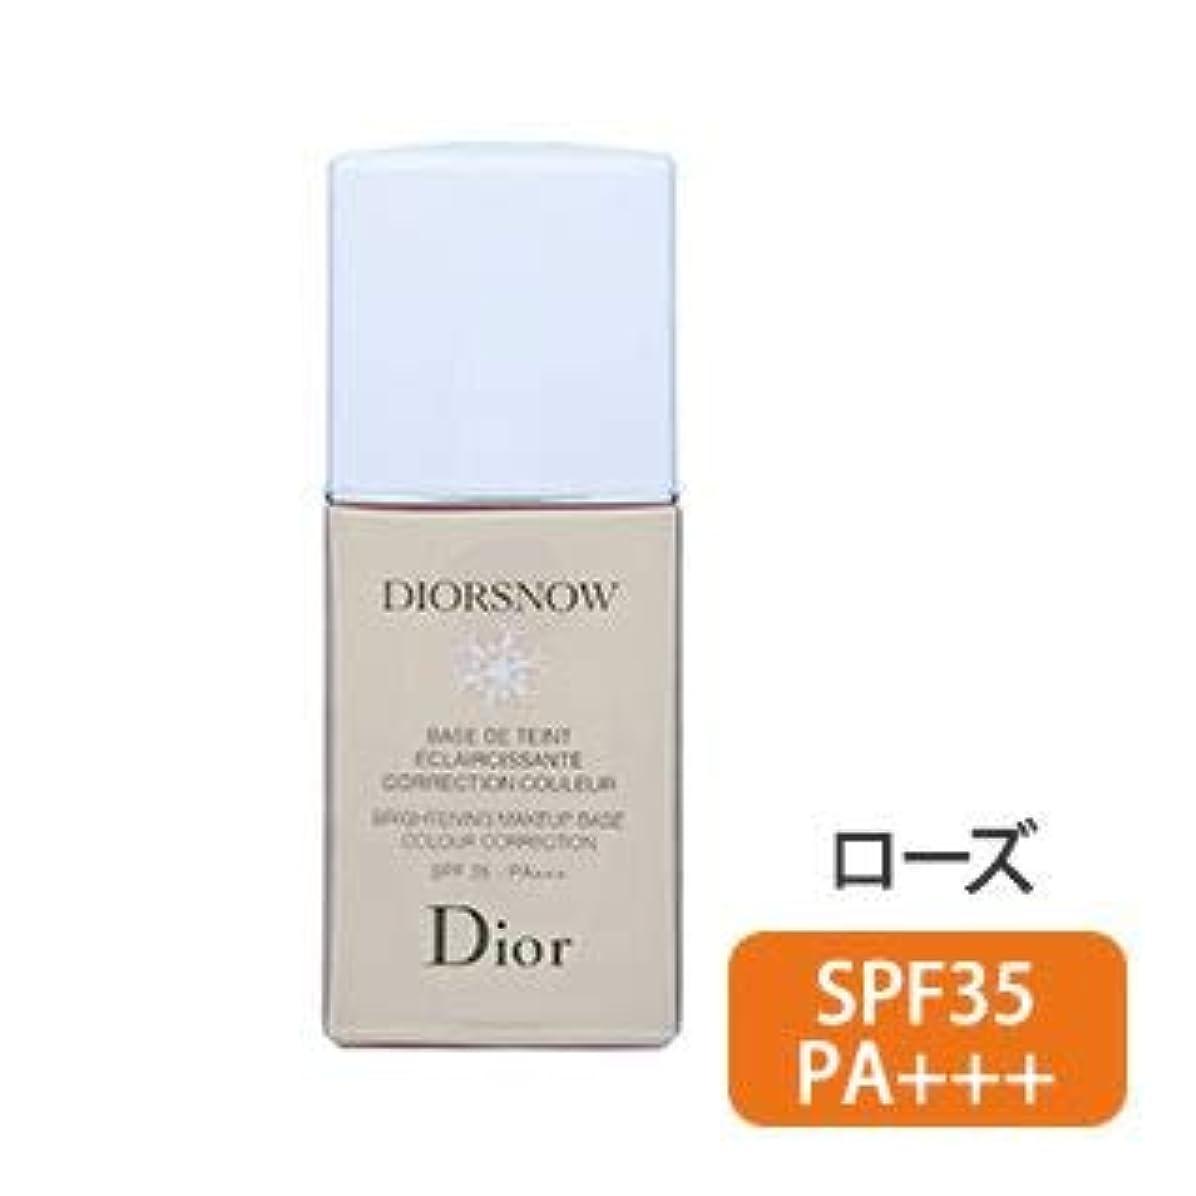 維持する頑丈コンサルタントディオール(Dior) スノー メイクアップ ベース UV35 (ローズ) [並行輸入品]